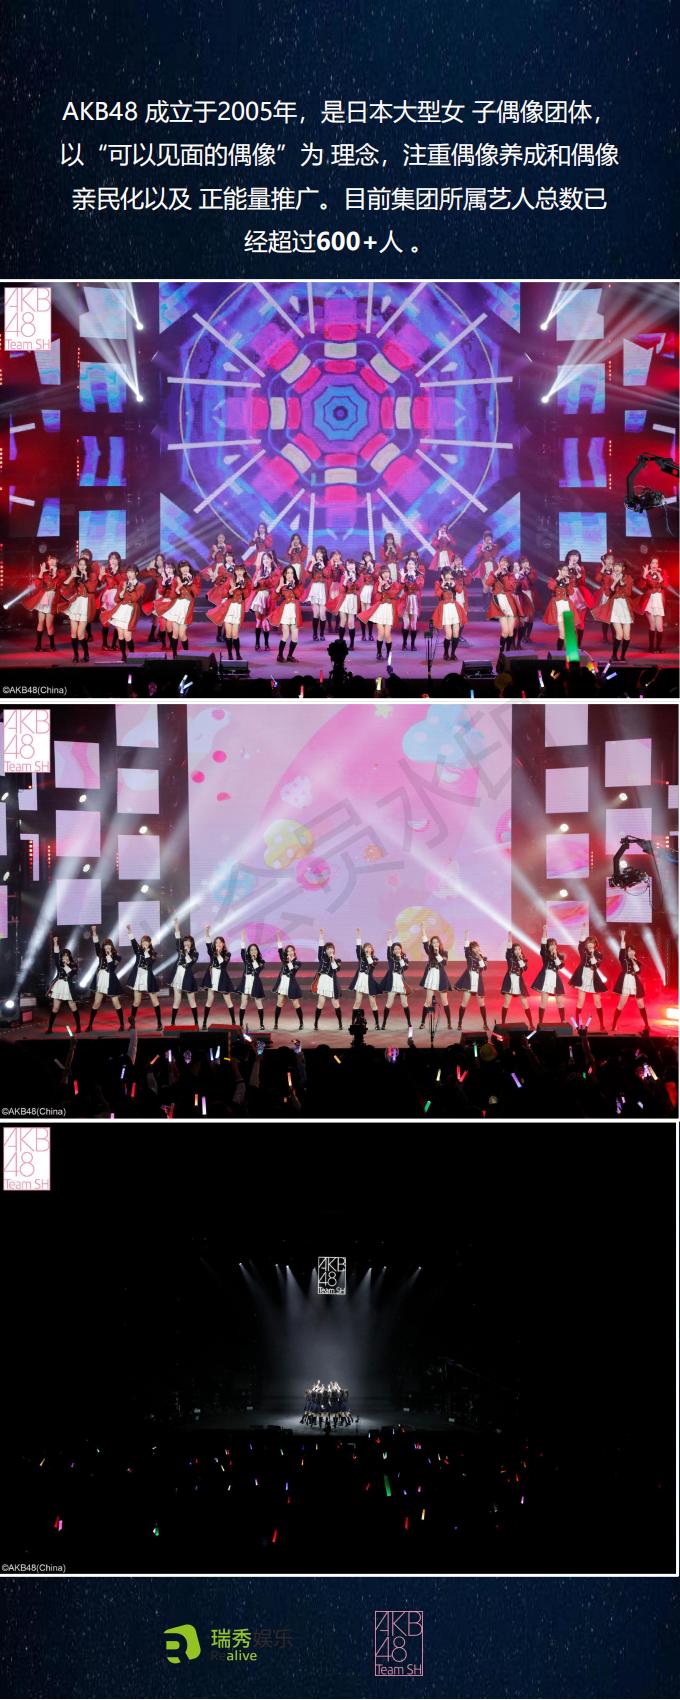 AKB48 TSH 票务资料_01.png